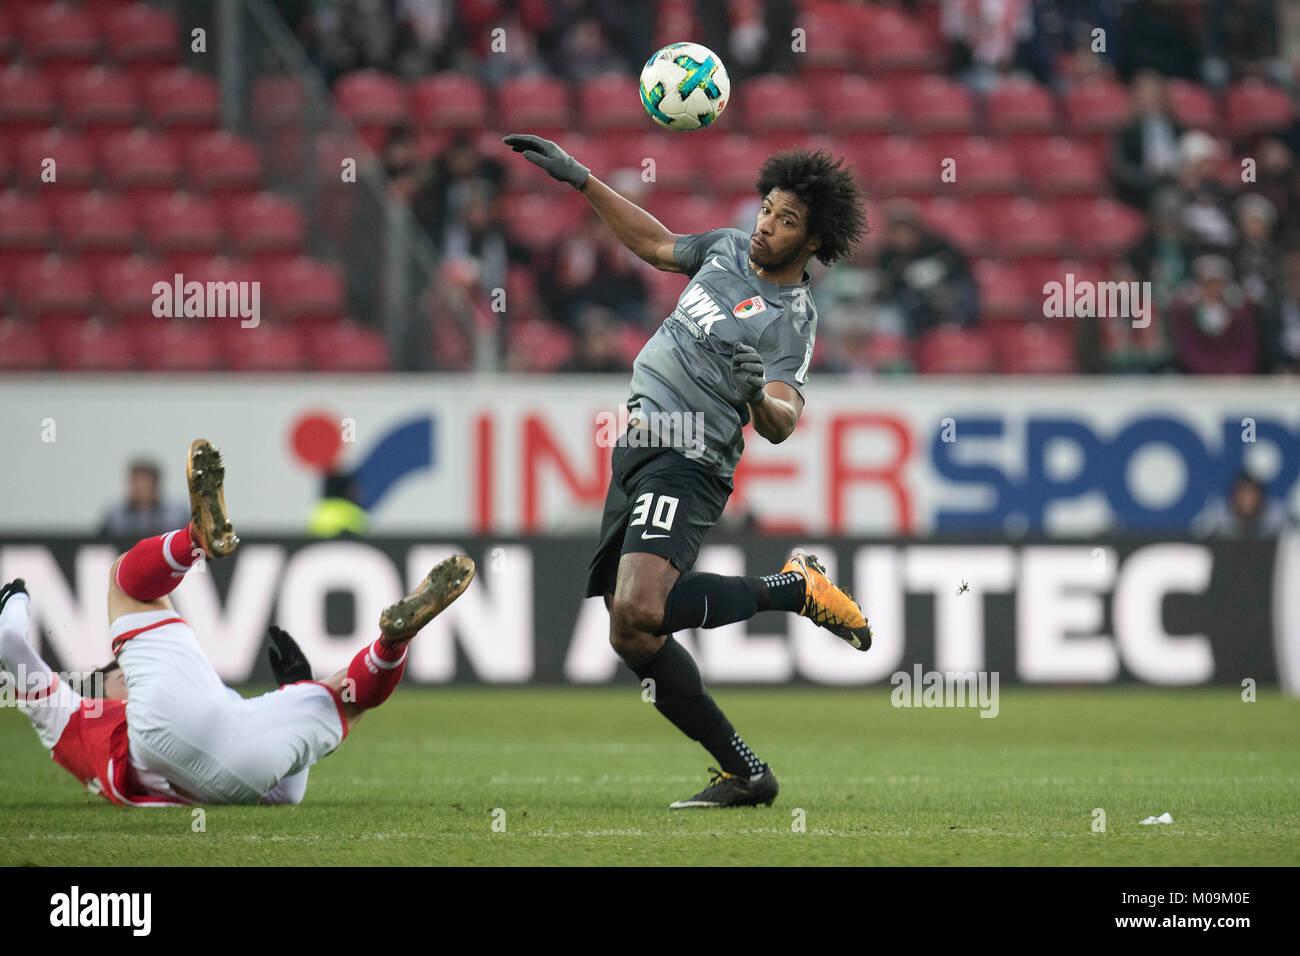 CAIUBY (A) in eigenwilliger Aktion; links kullert ein Mainzer Spieler; Spielszene; Fussball 1. Bundesliga, 14. matchday, - Stock Image